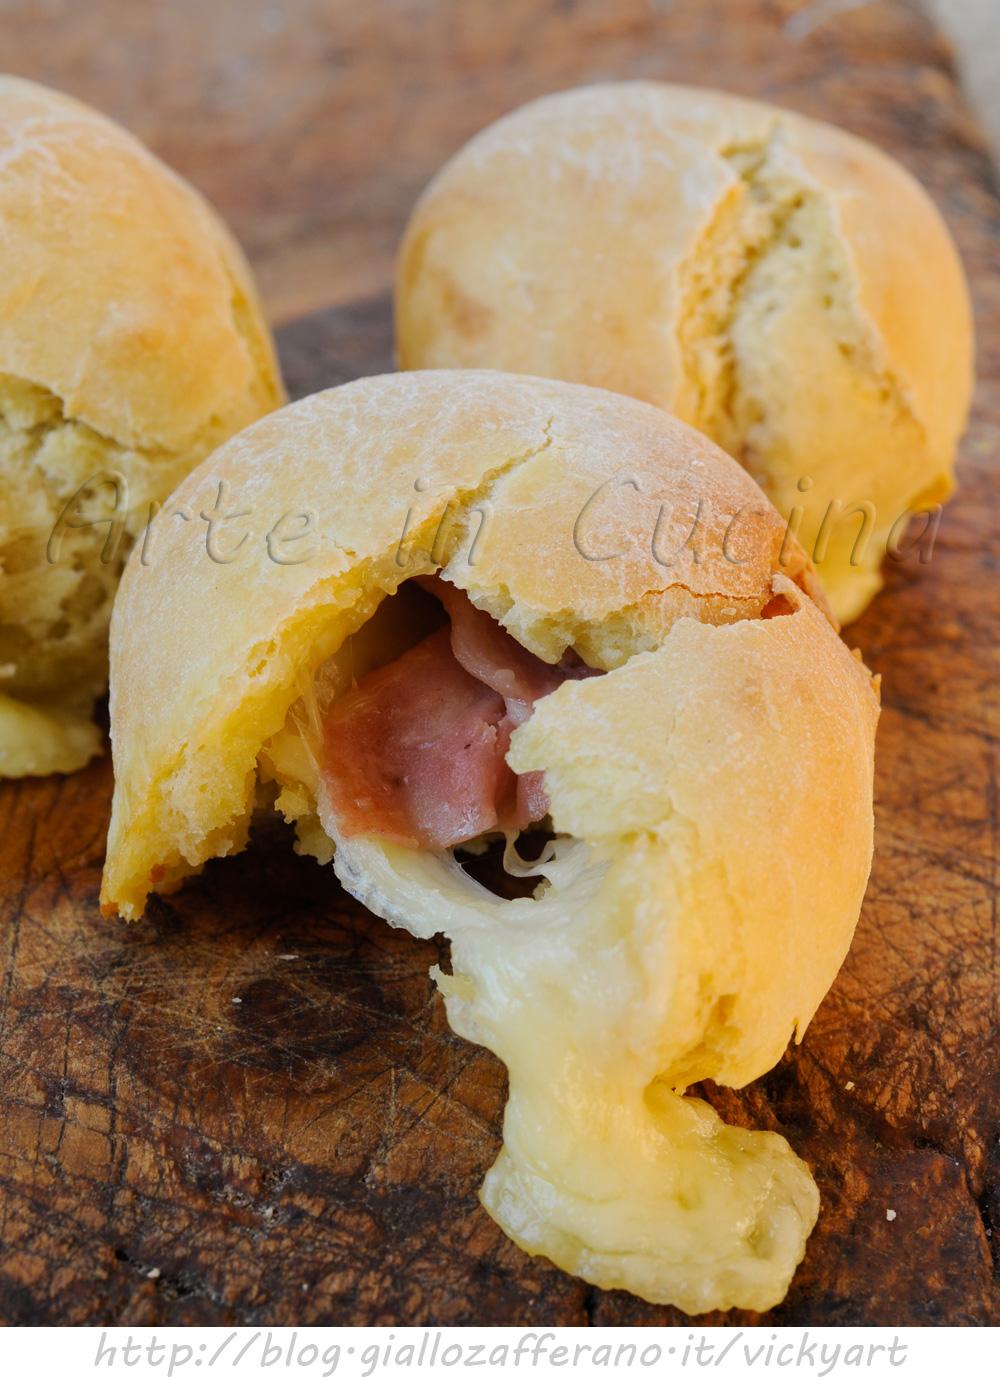 Bomboloni alla mortadella e asiago ricetta sfiziosa vickyart arte in cucina